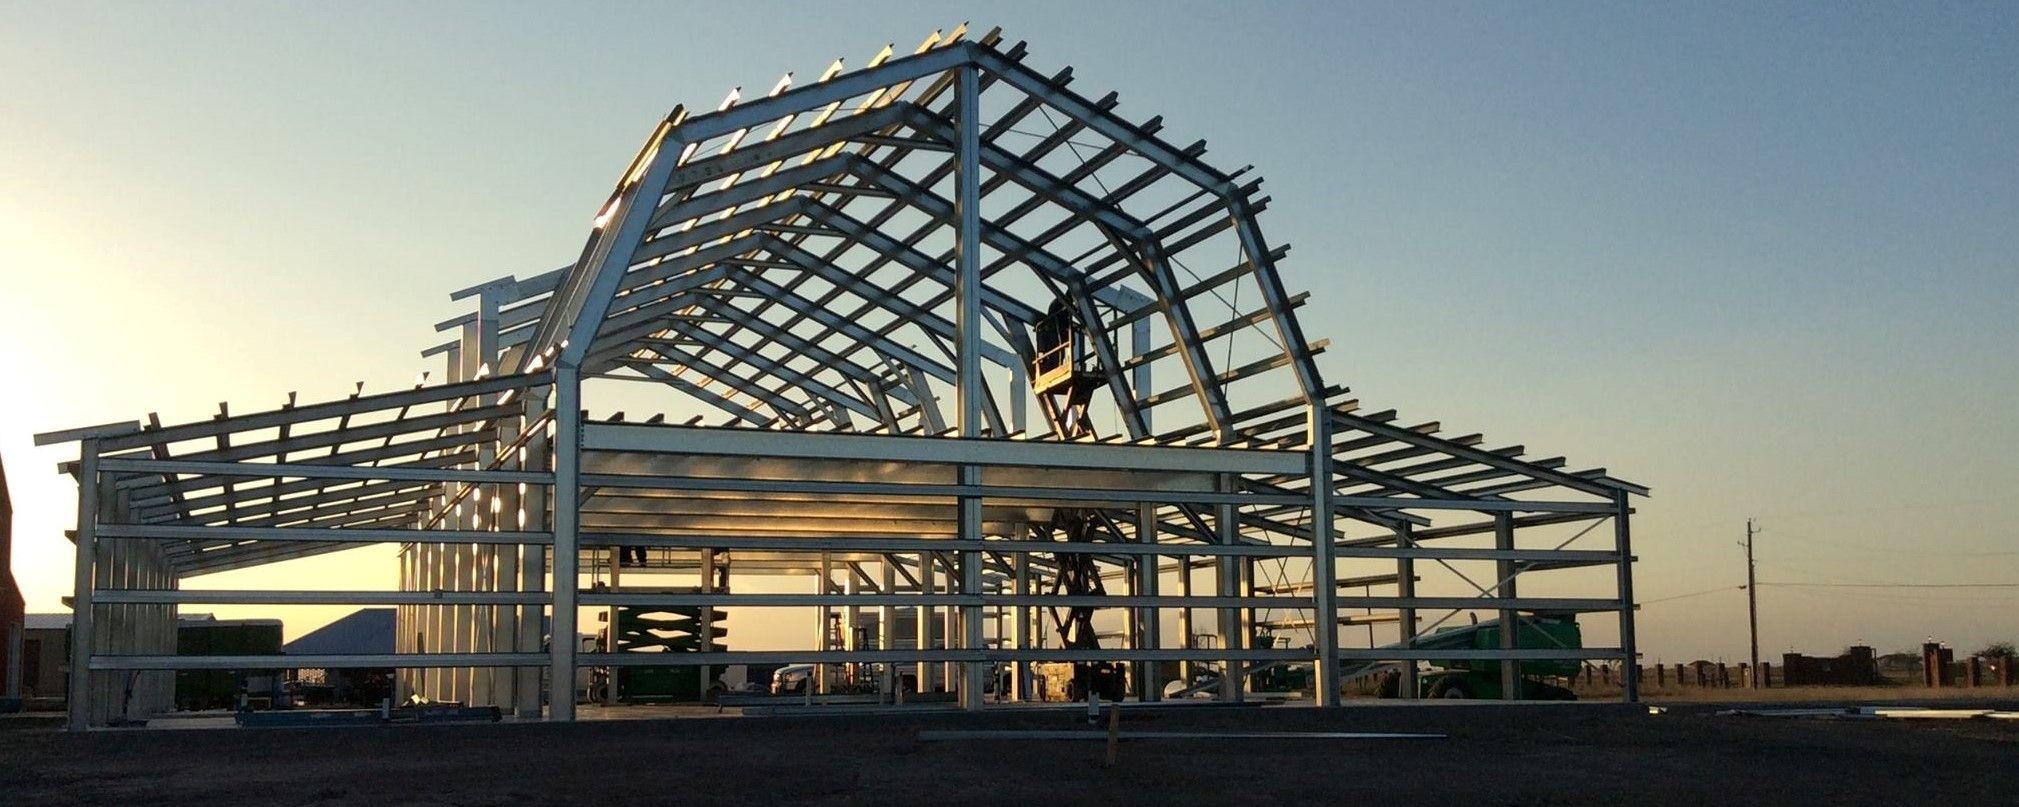 Steel Structure House in Kerala | Steel buildings, Pre engineered steel  buildings, Pre engineered buildings